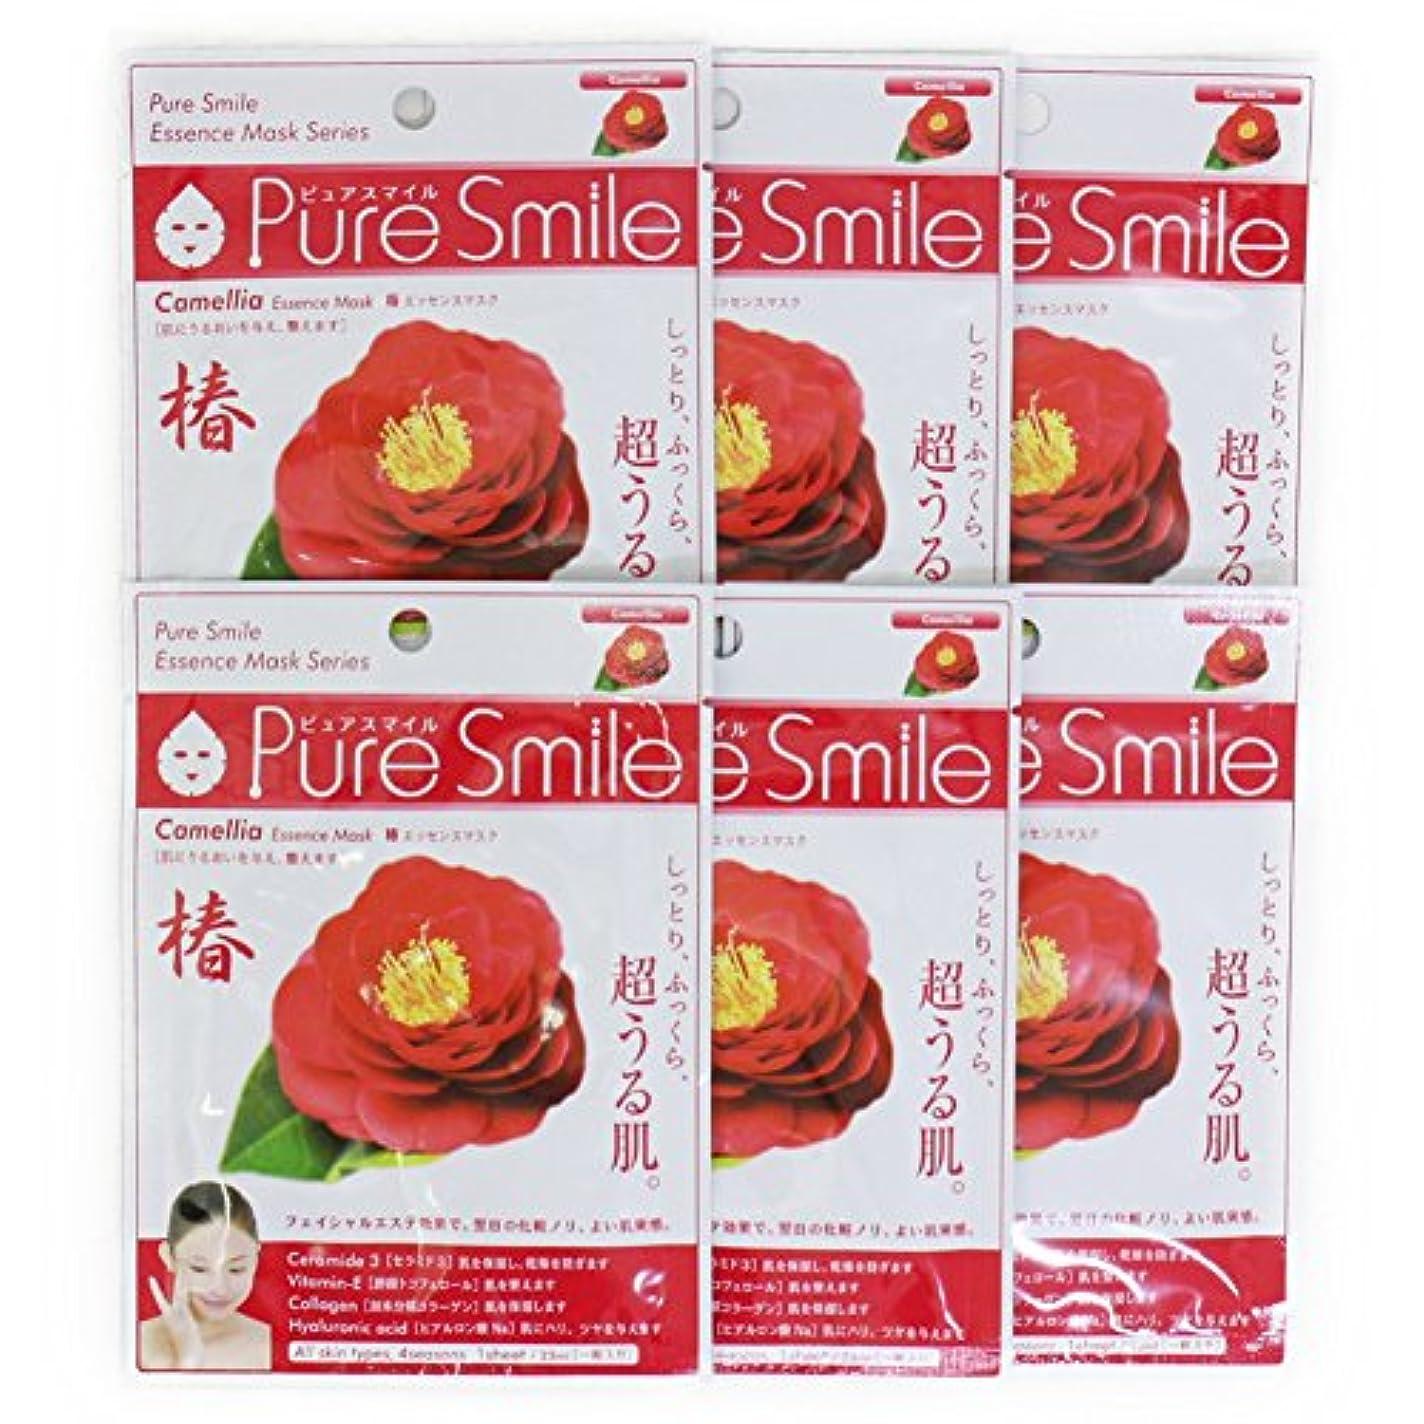 巡礼者ルーチンキャッチPure Smile ピュアスマイル エッセンスマスク 椿 6枚セット